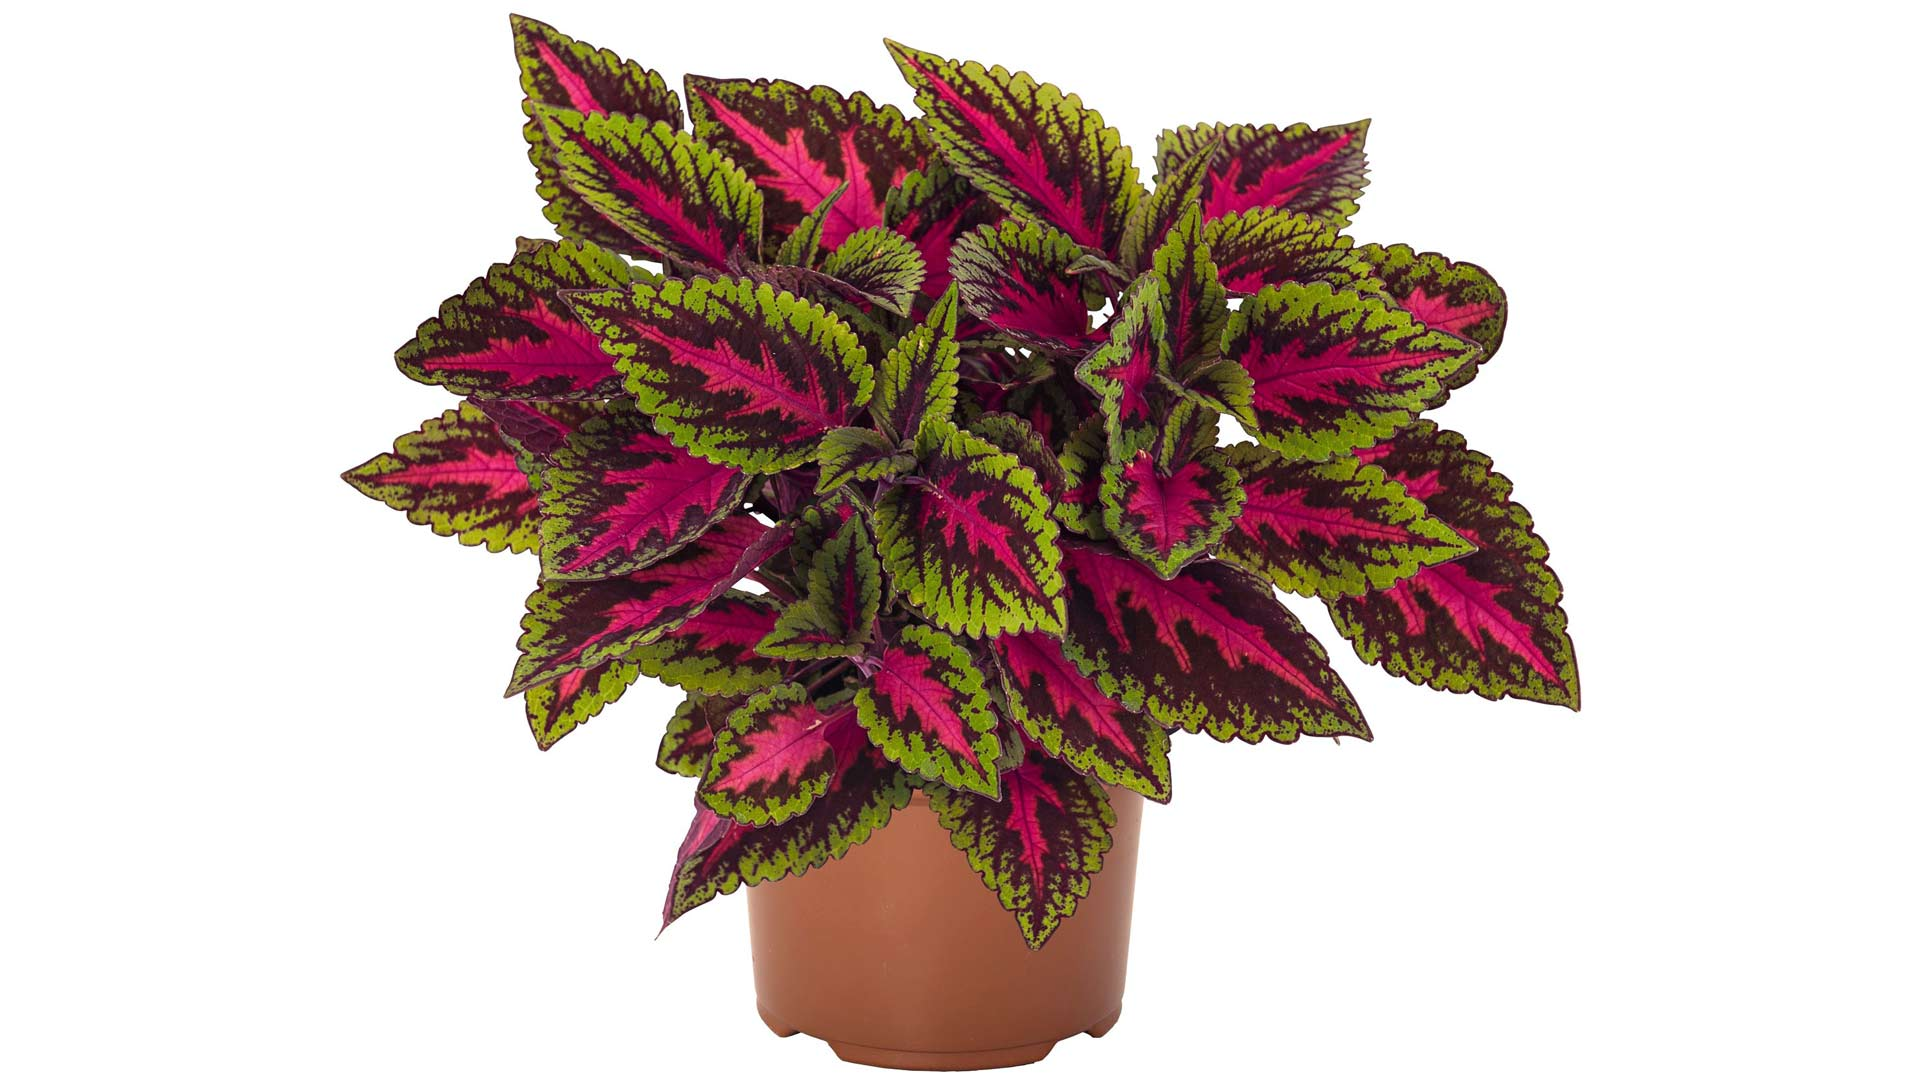 Värinokkonen on monelle tuttu kasvi mummolasta.